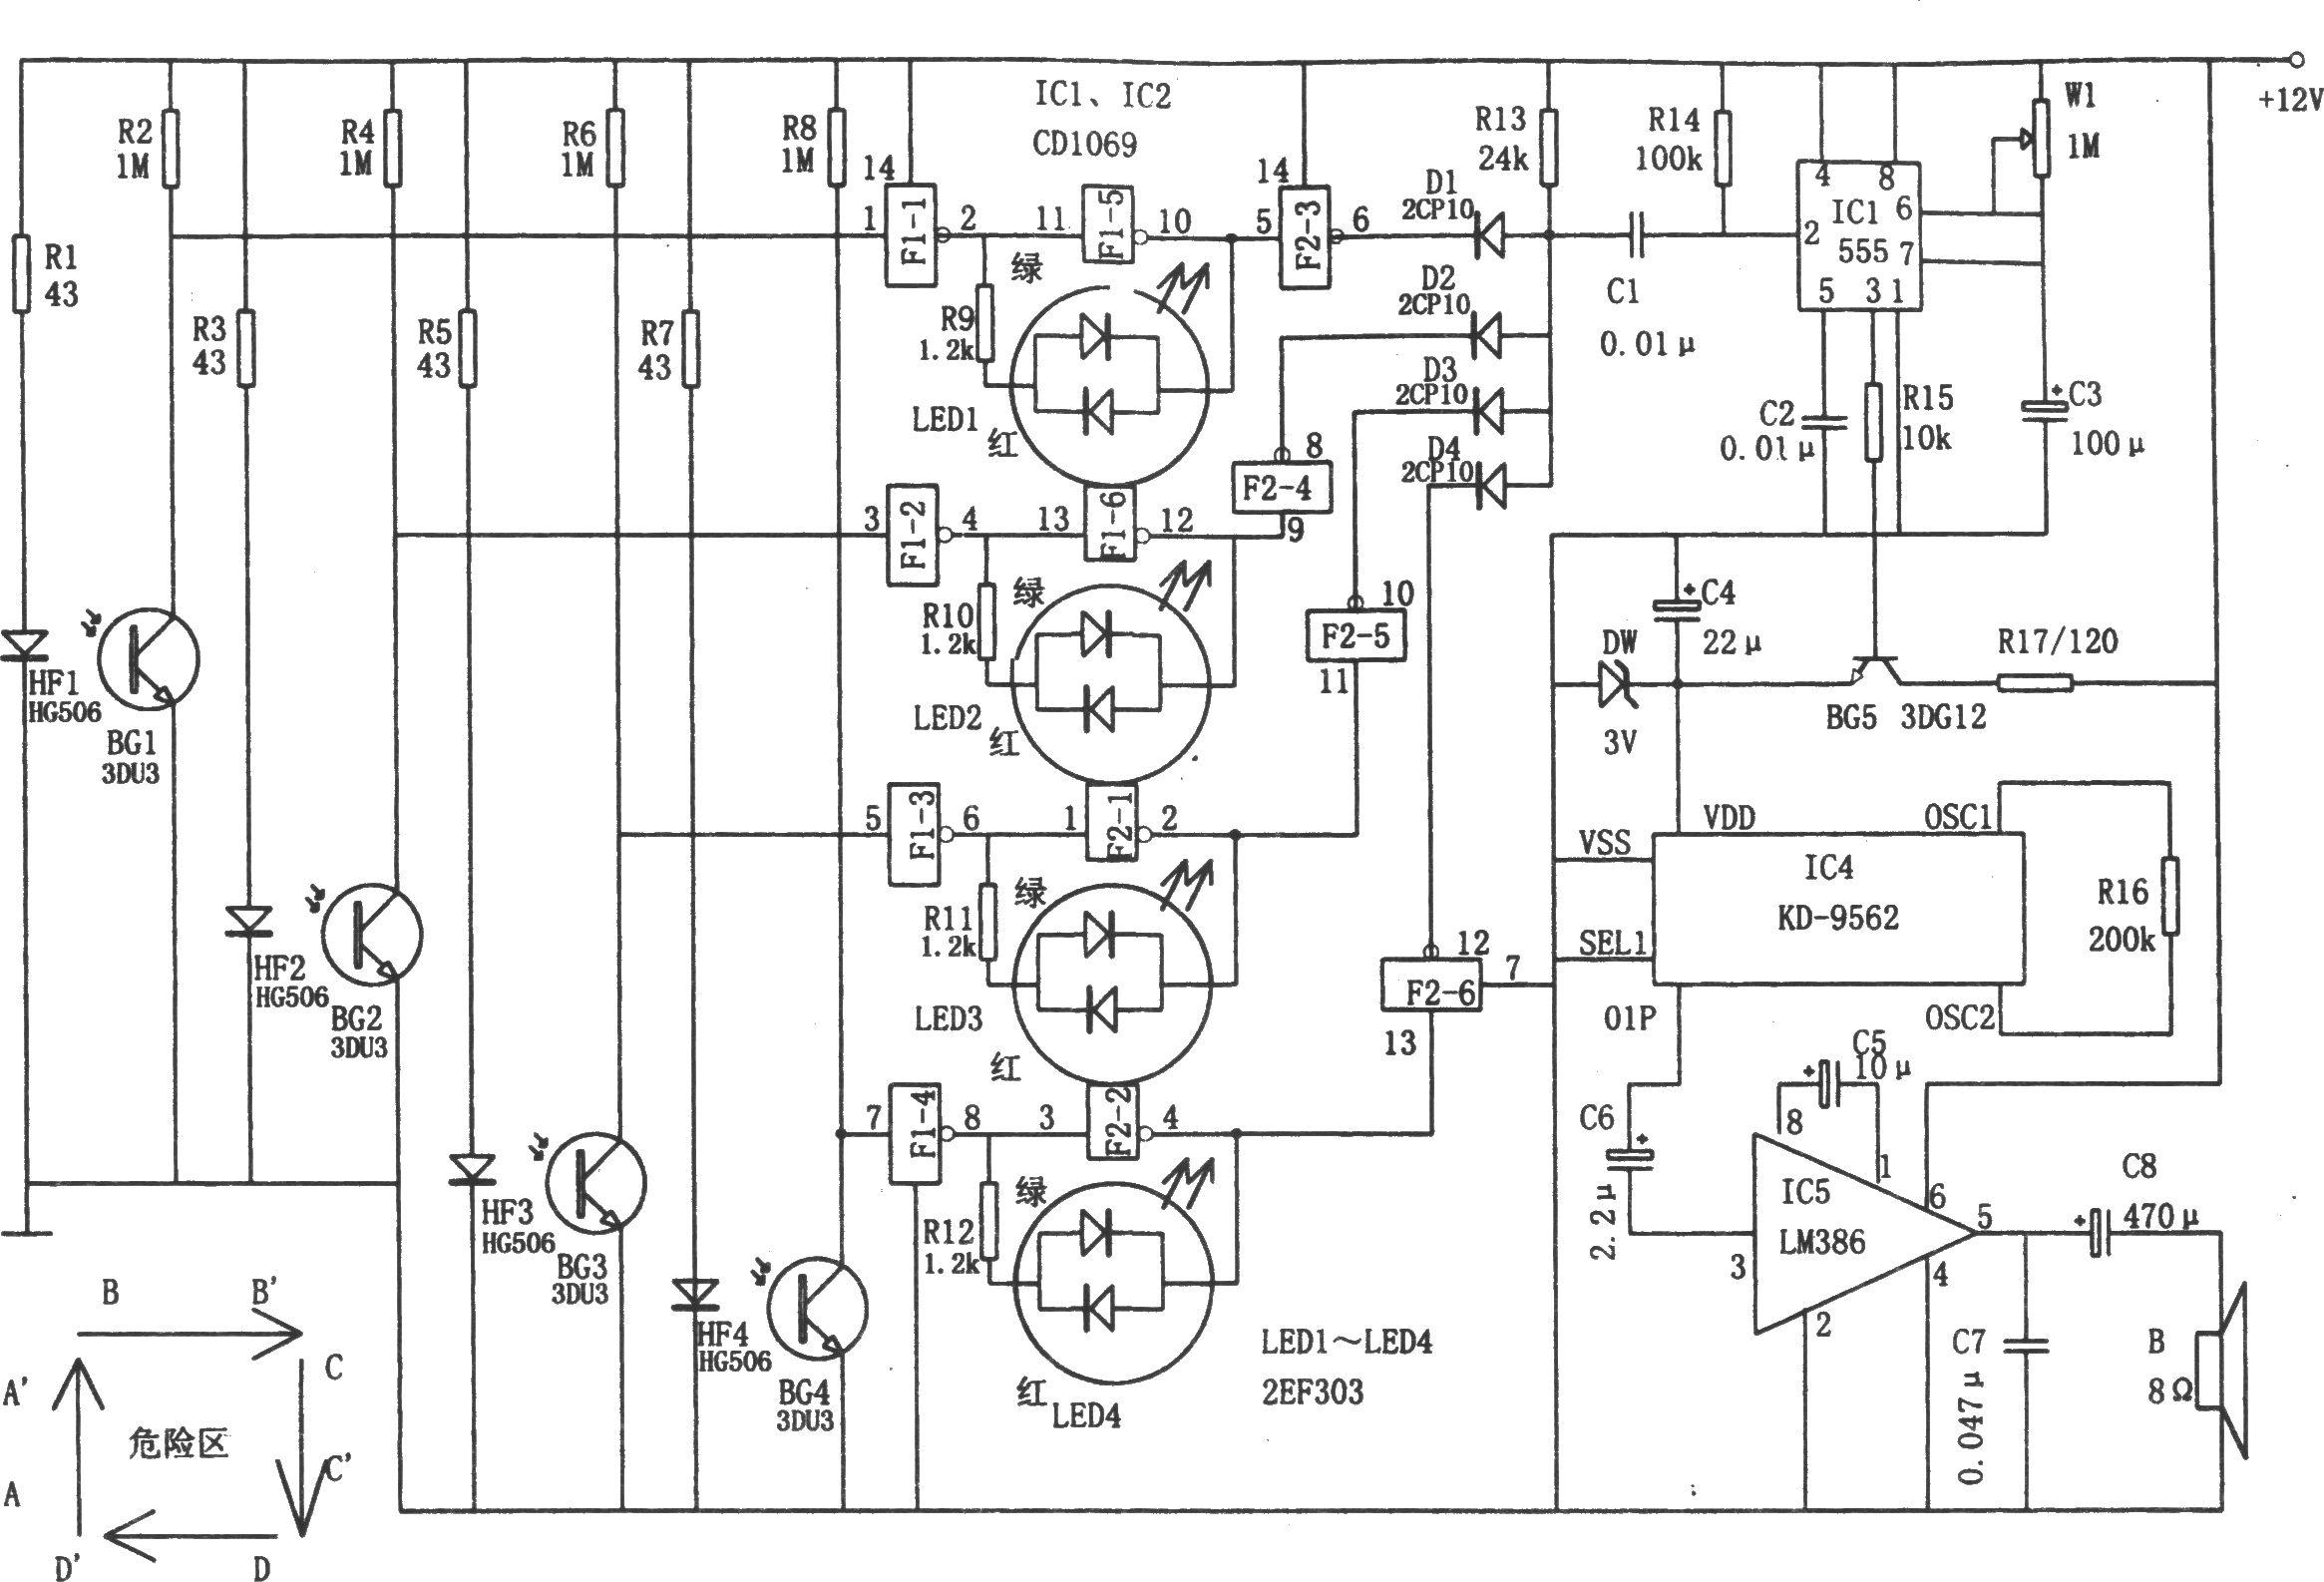 该电路由与门电路,单稳延时电路,四路红外发射与接收电路,触发和二色